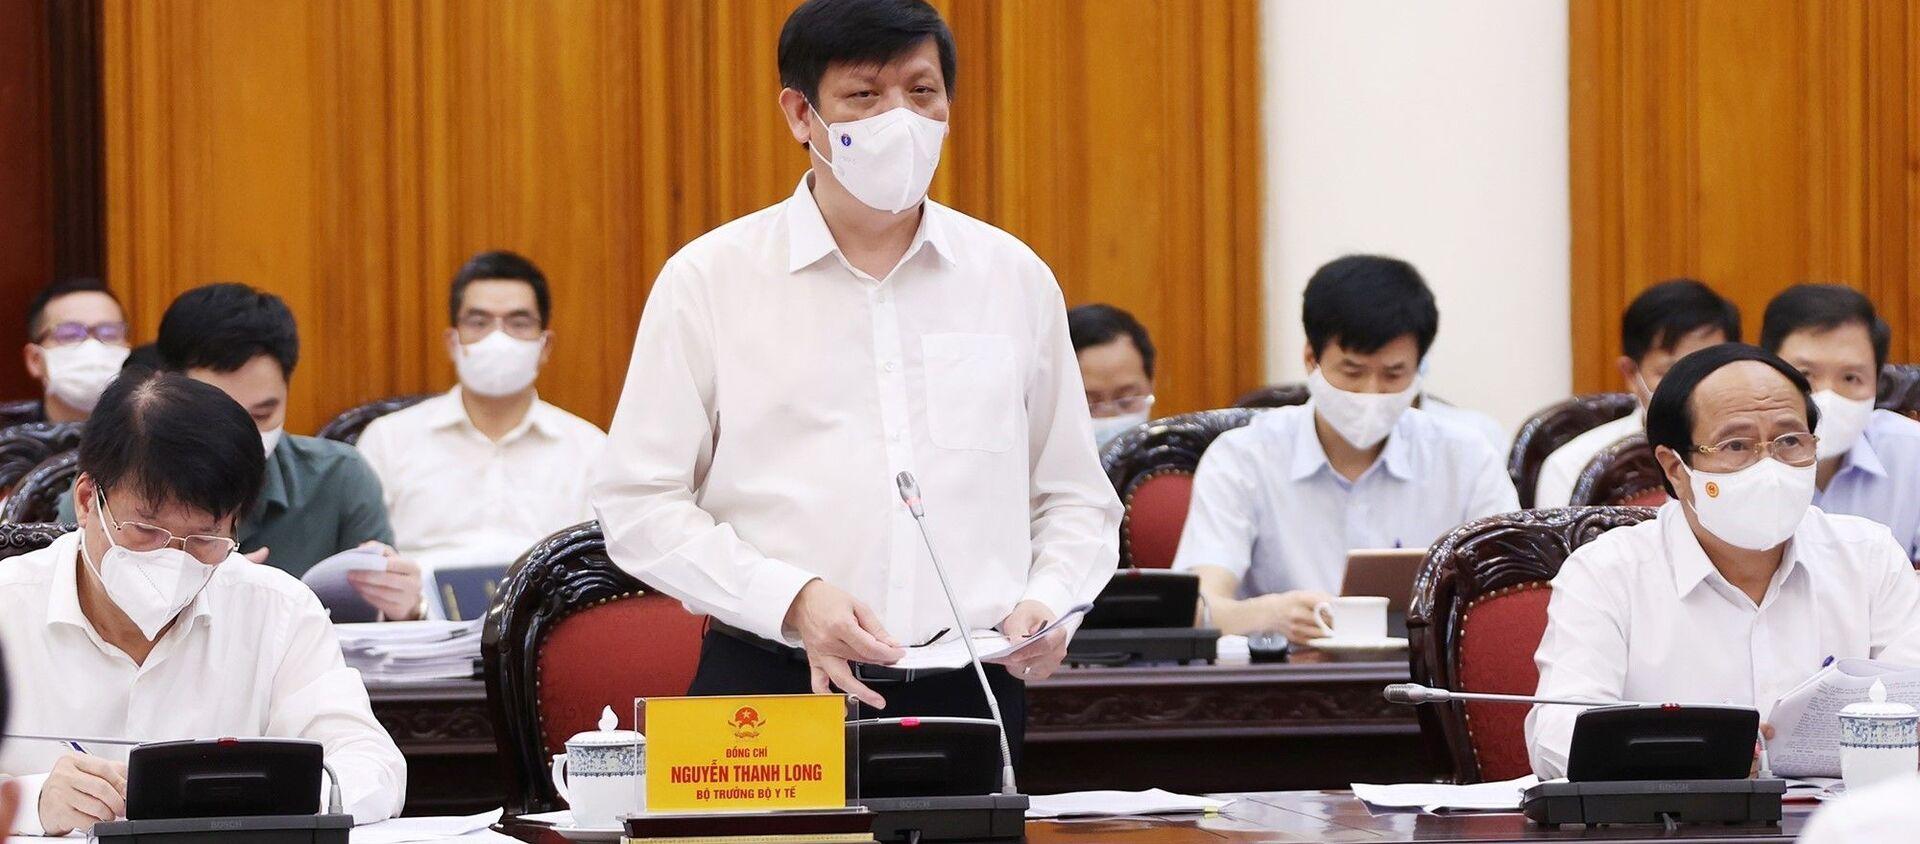 Bộ trưởng Bộ Y tế Nguyễn Thanh Long trong cuộc họp Thường trực Chính phủ triển khai công tác phòng, chống dịch COVID-19 - Sputnik Việt Nam, 1920, 18.05.2021